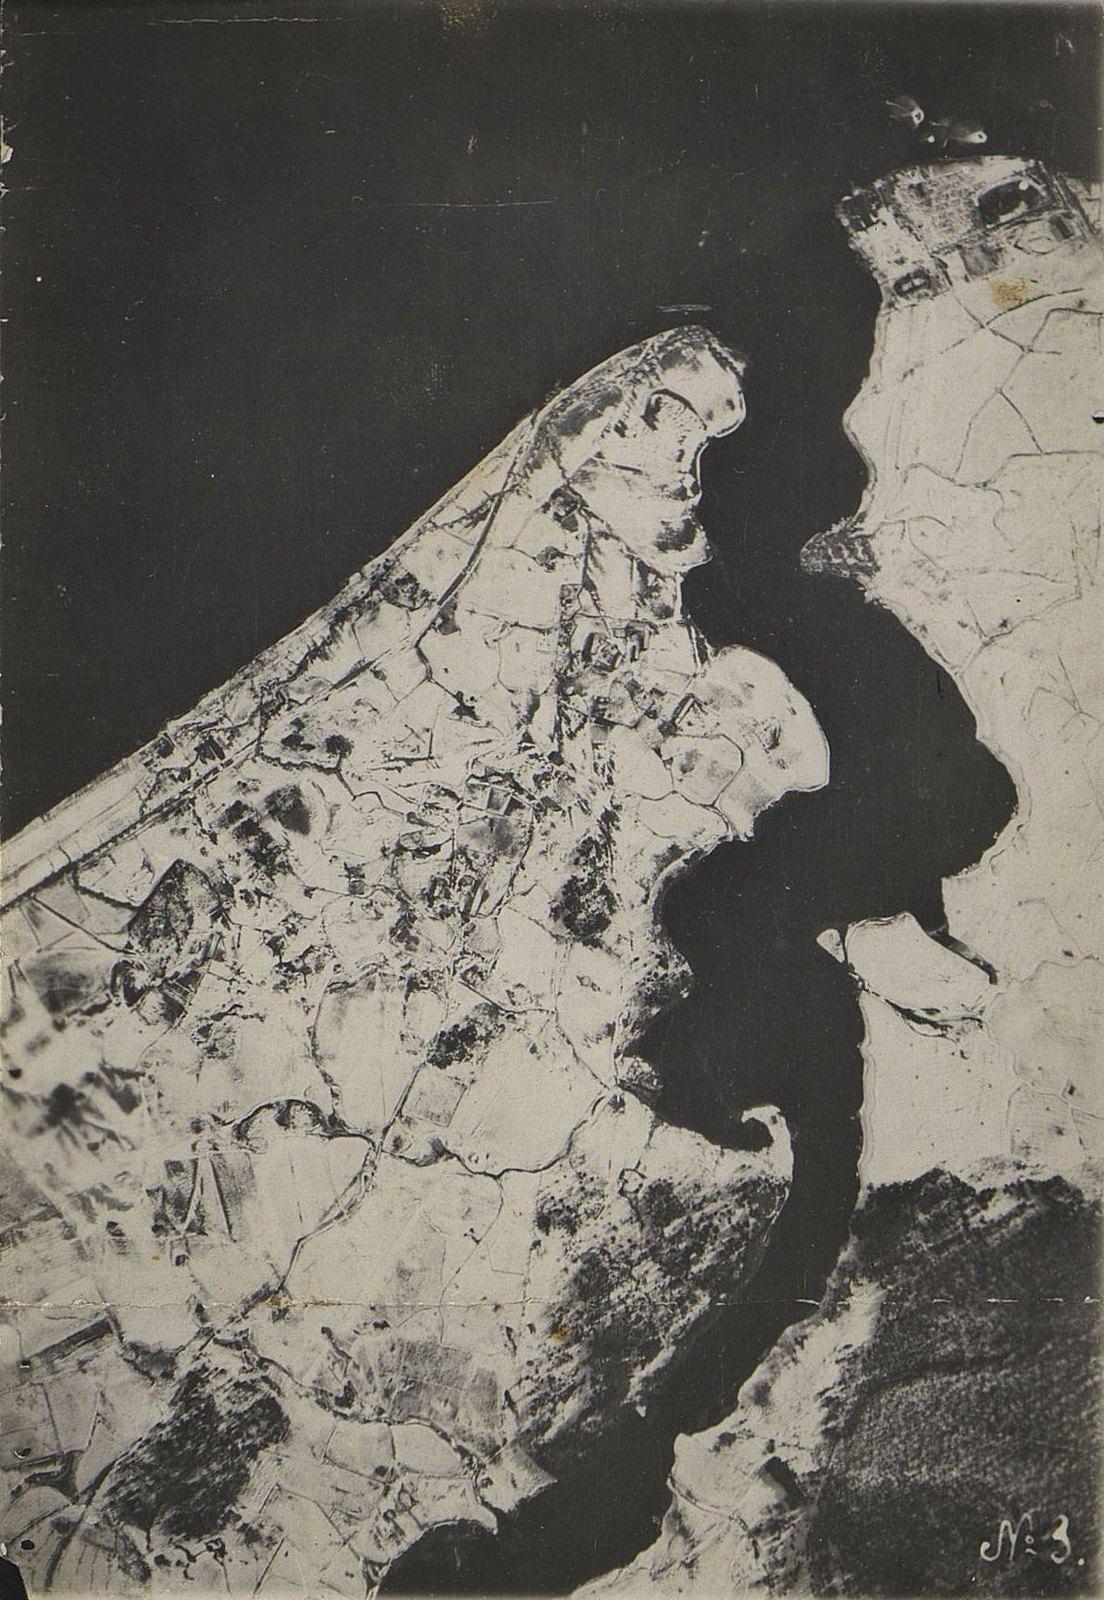 1916. Зимняя фоторазведка Двины (севернее Двинска) на одном из участков Северного фронта (снимок первый)